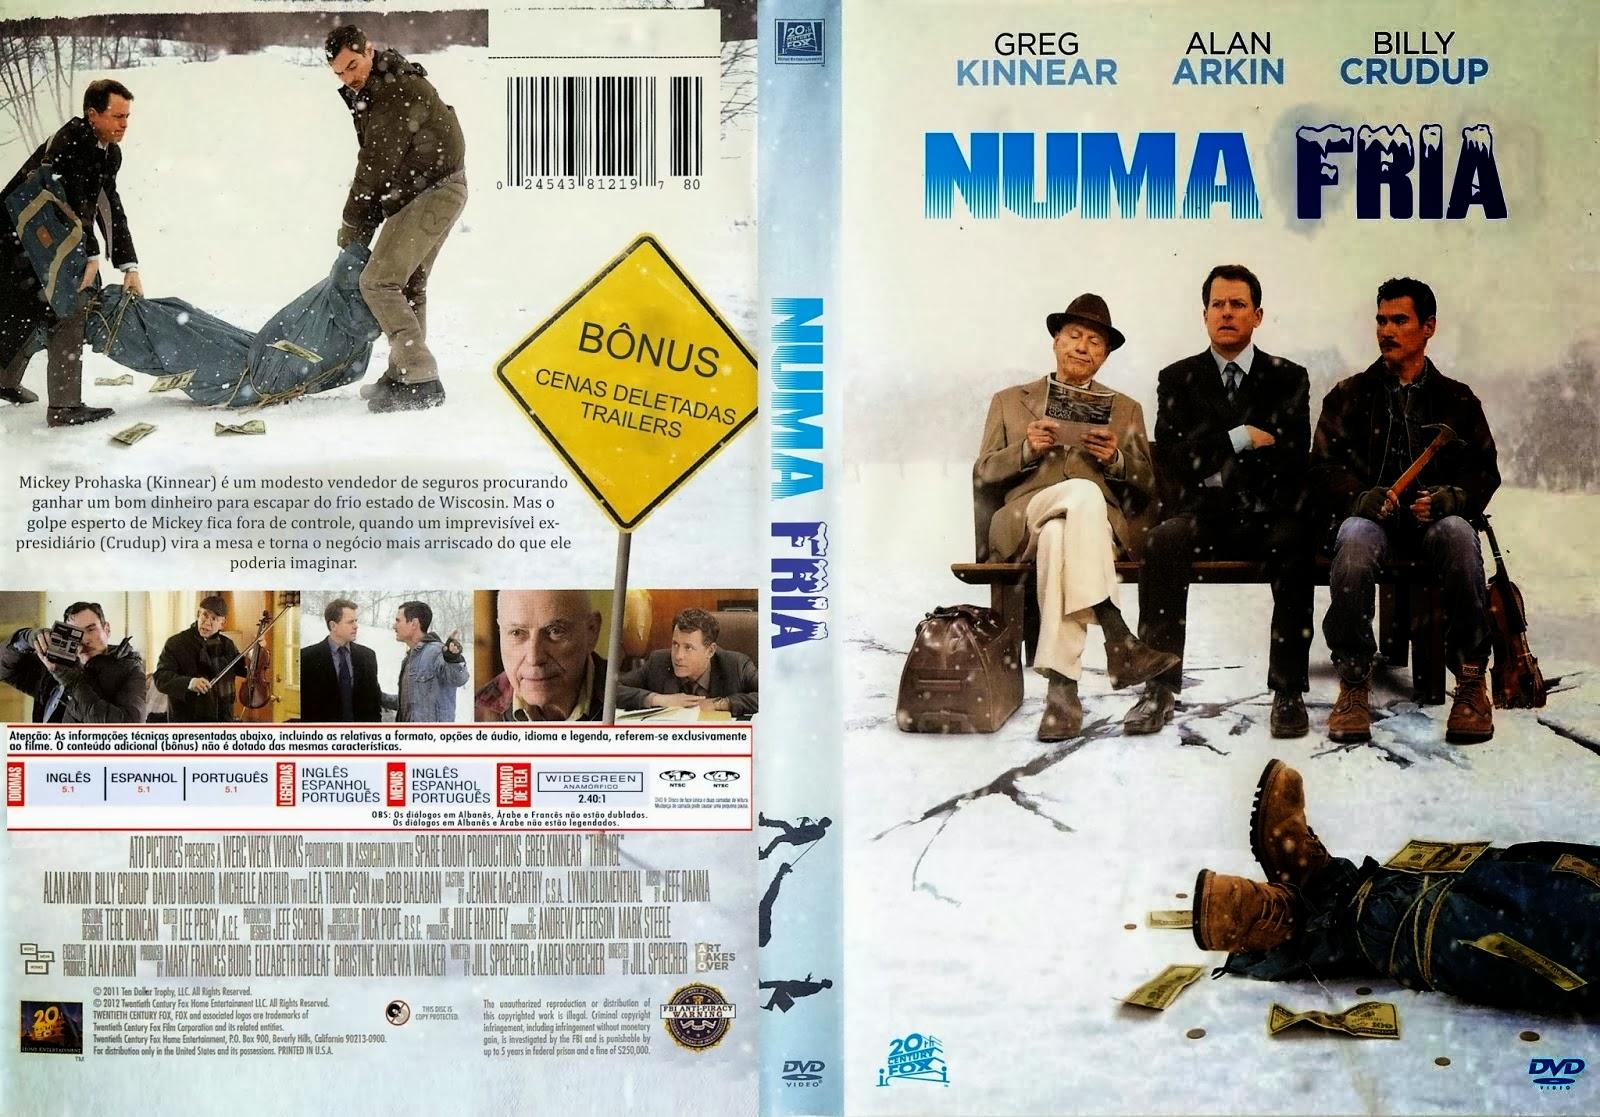 Filme Numa Fria DVD Capa